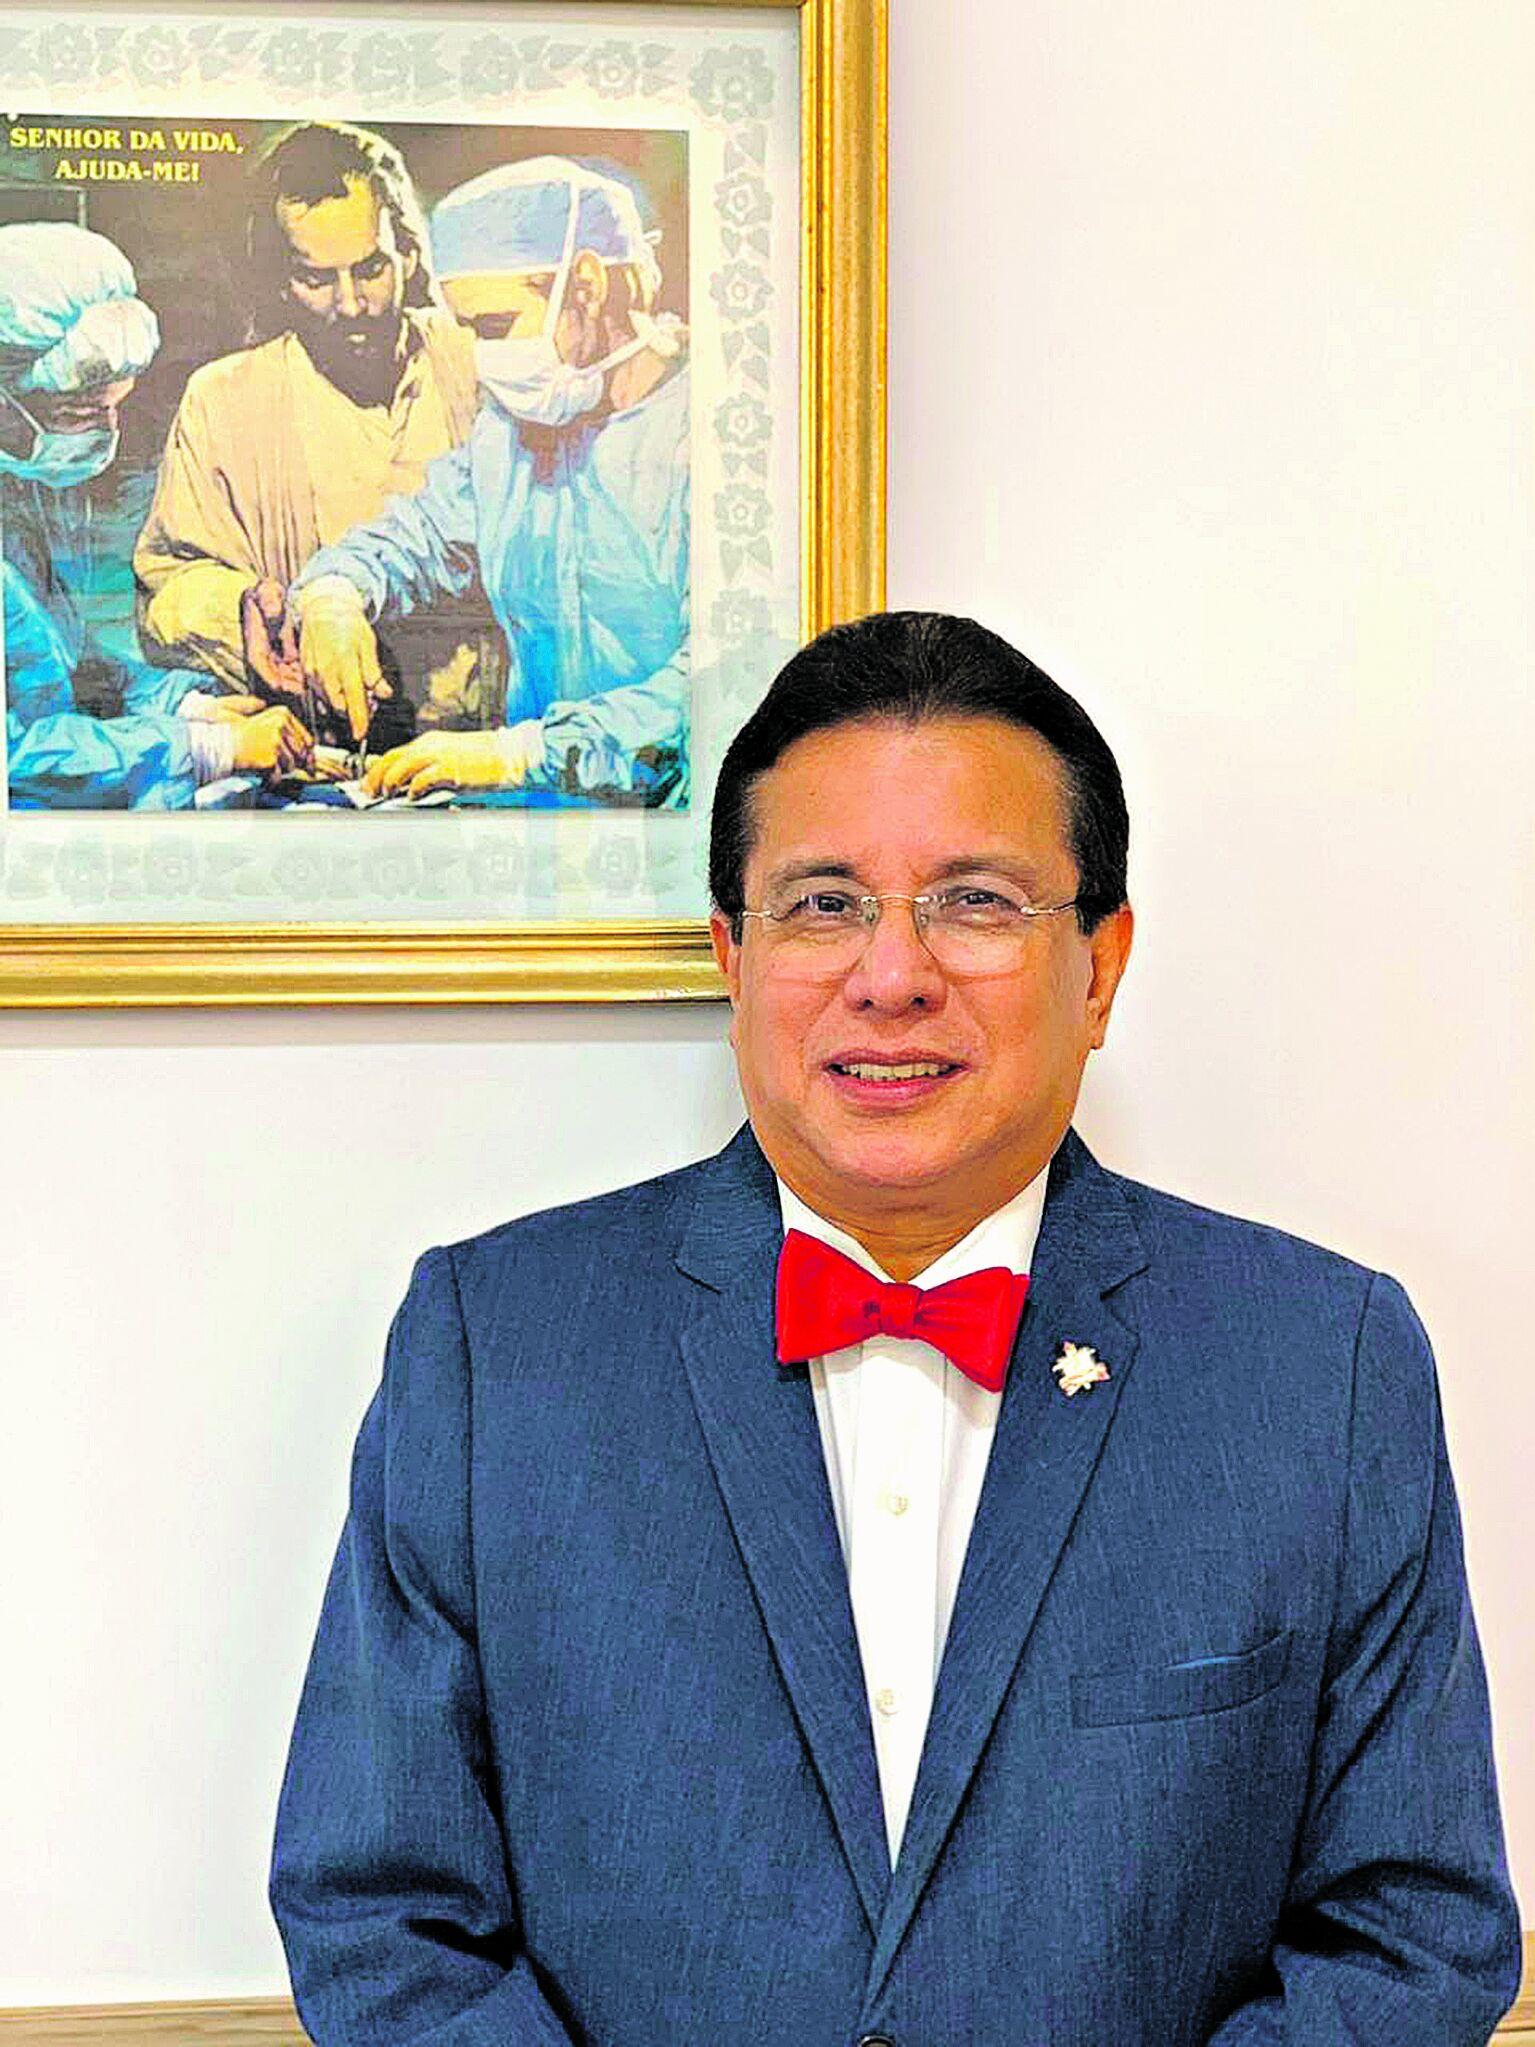 Eduardo Augusto da Silva Costa, coordenador da disciplina de cardiologia da Faculdade de Medicina da UFPA